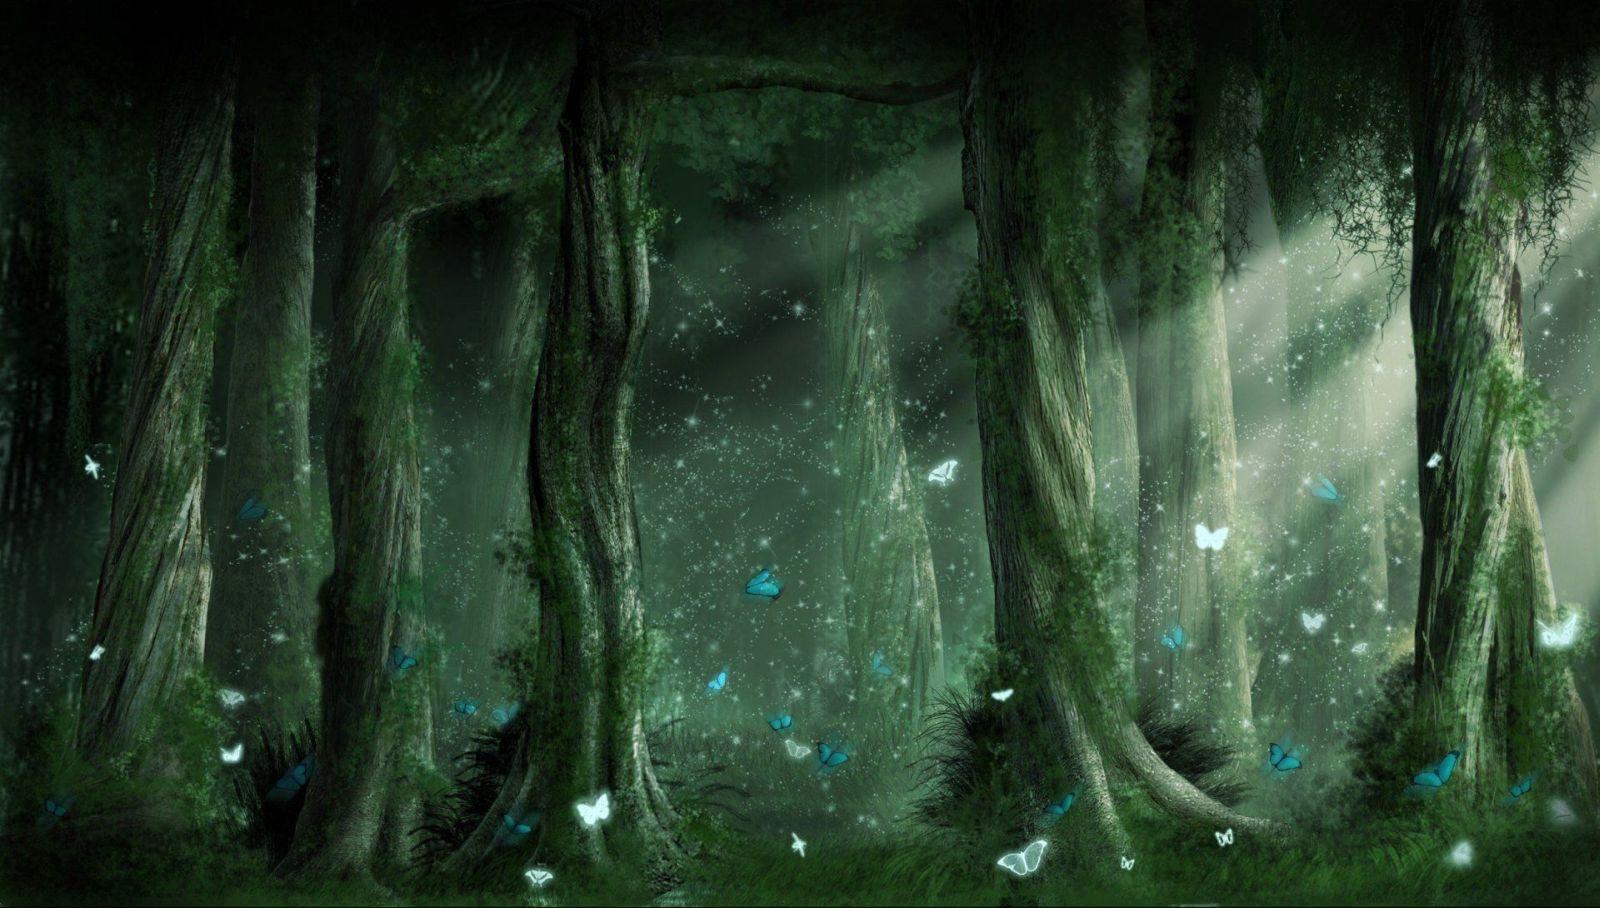 fantasy forest tree animals night moon art HD wallpaper